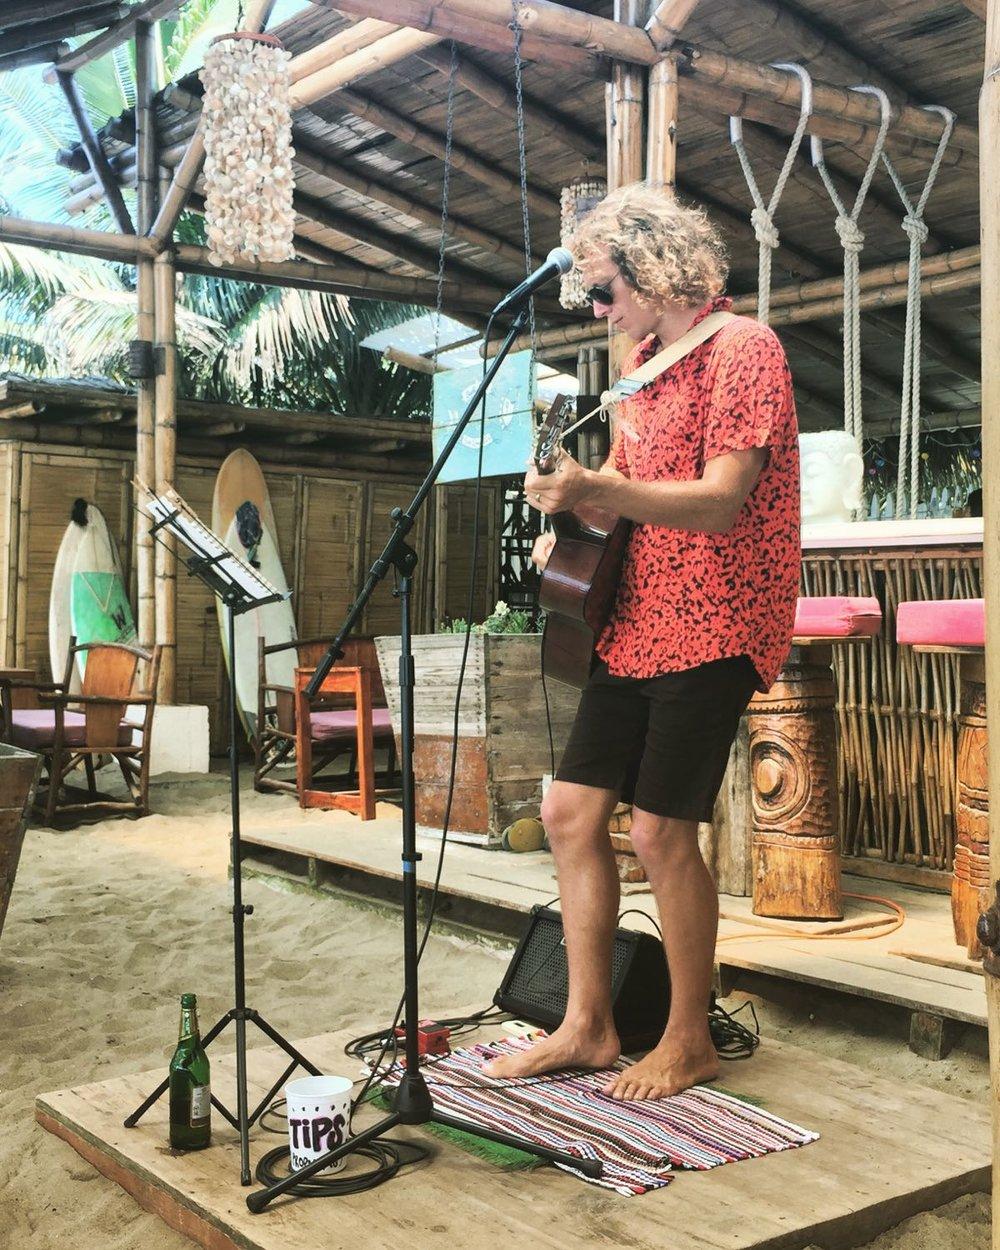 Matty playing in Montañita